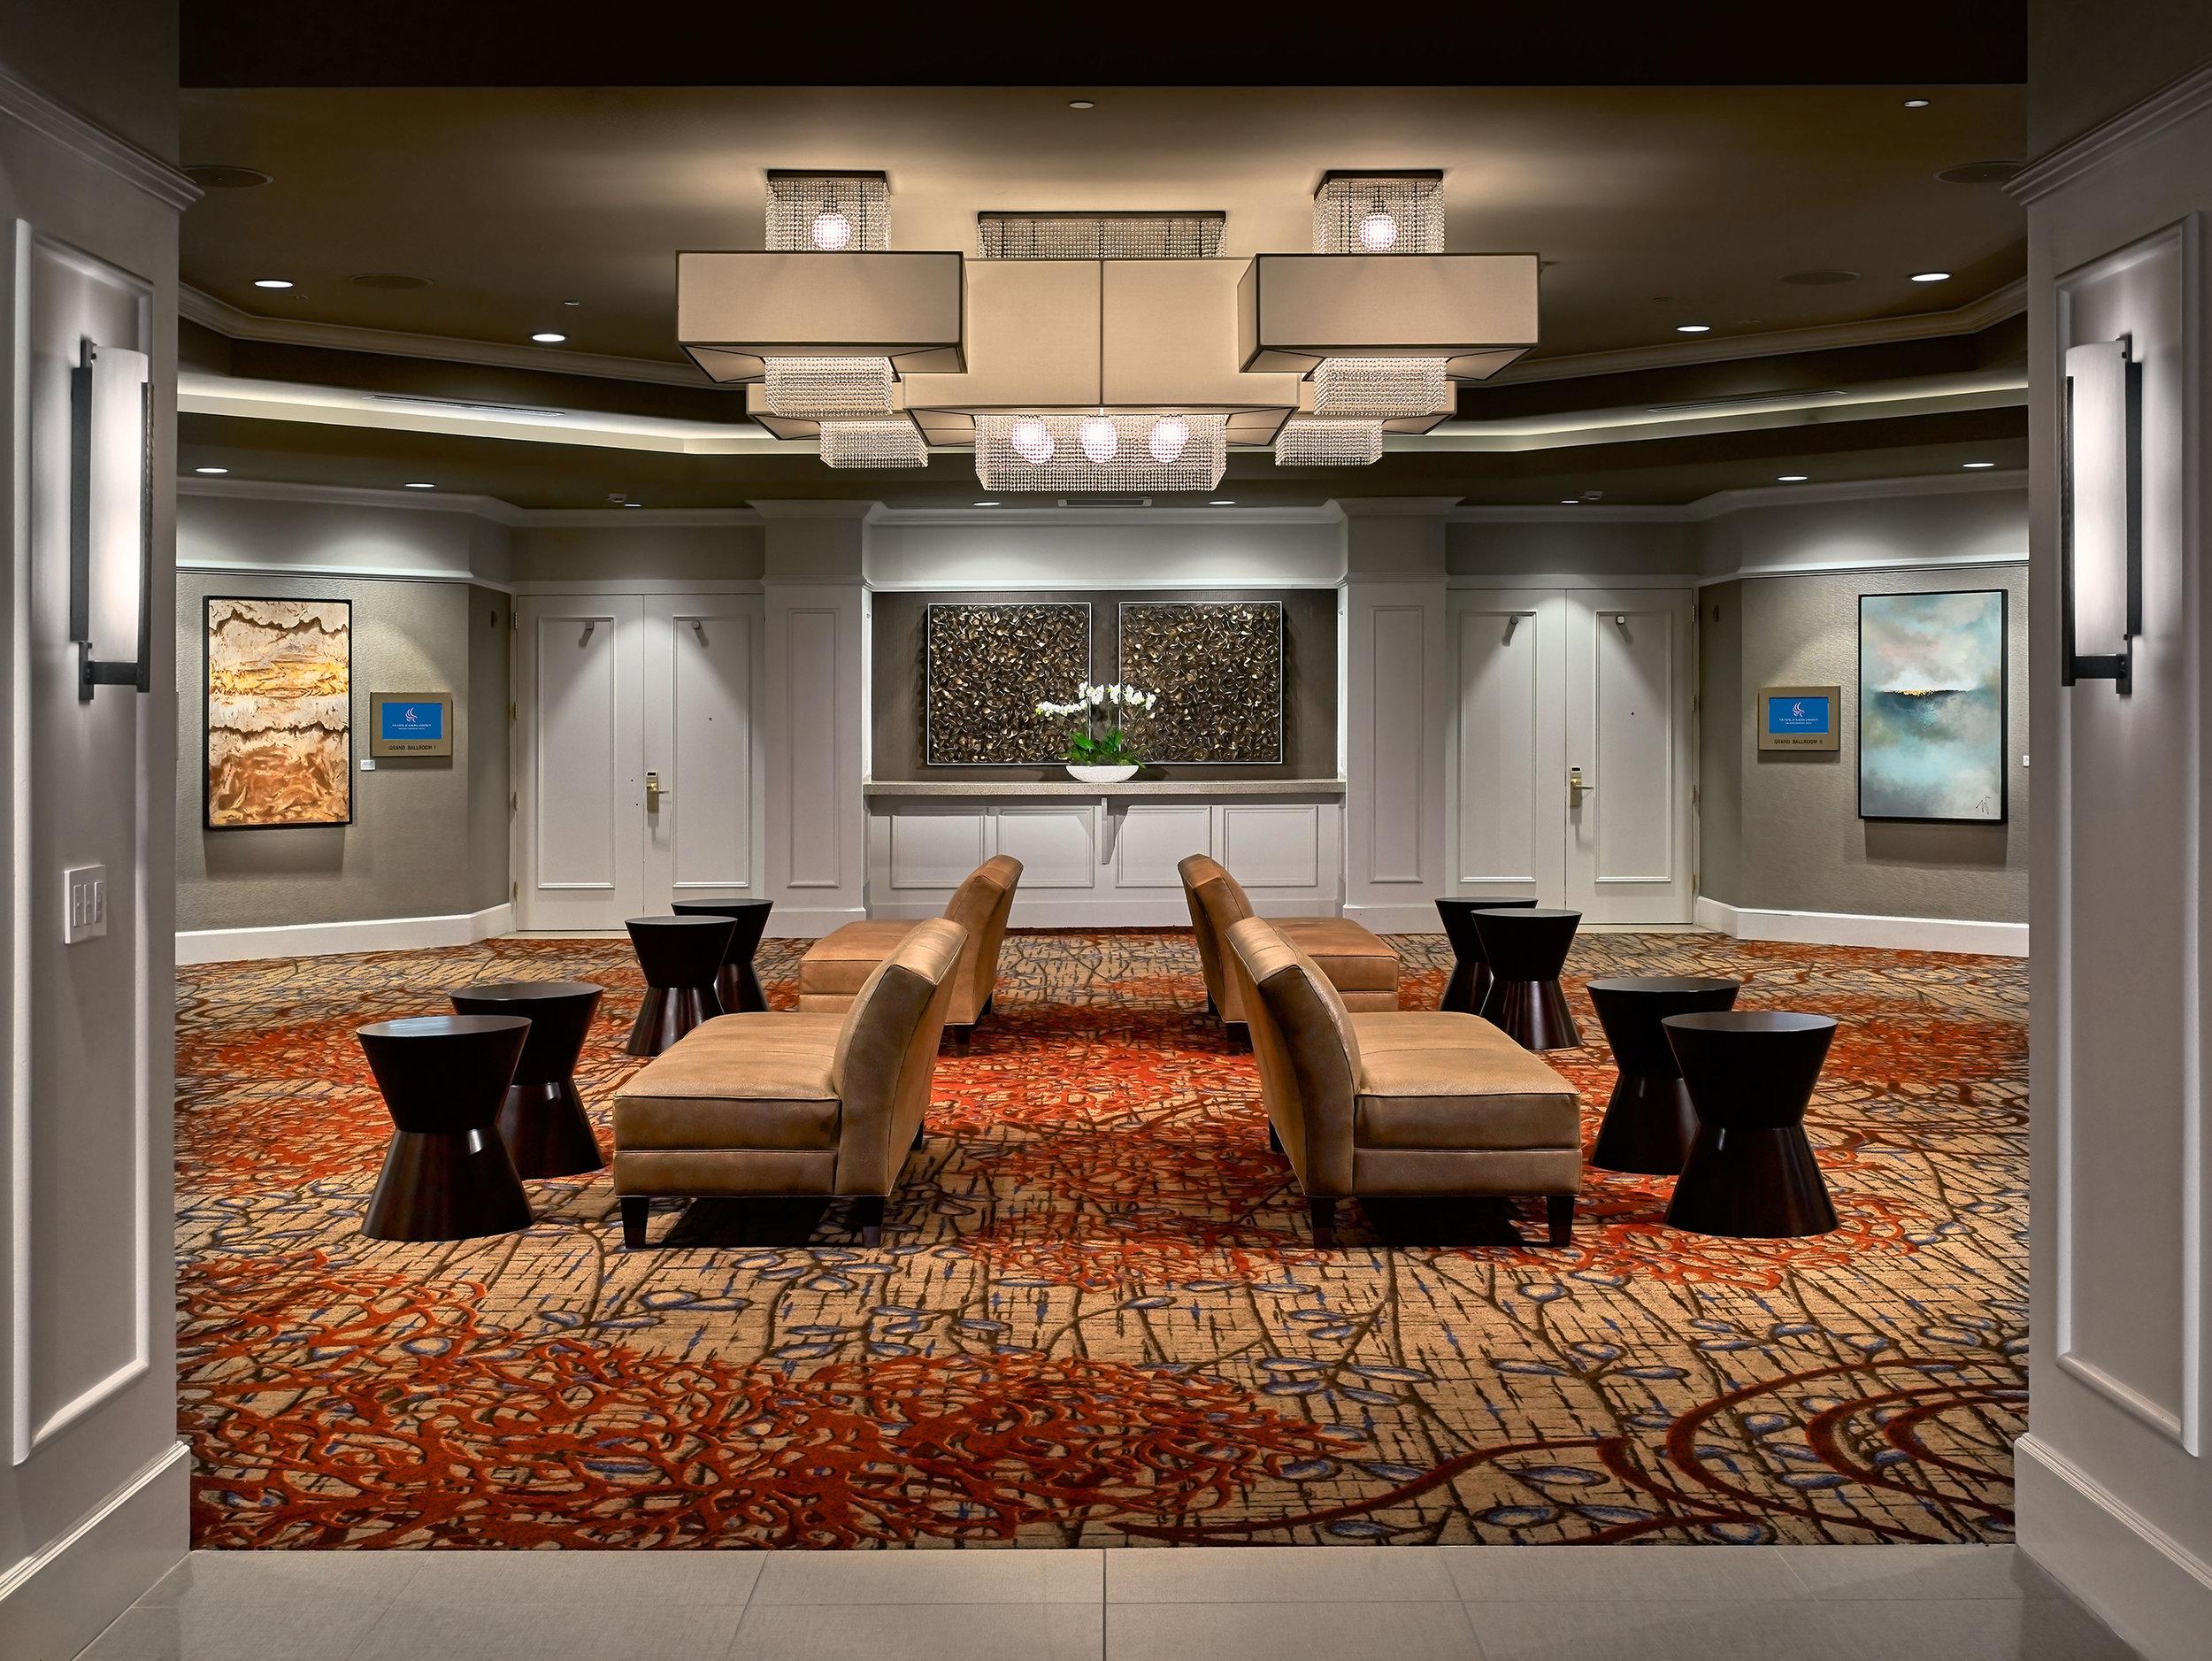 1195_03_Hotel_Auburn.jpg